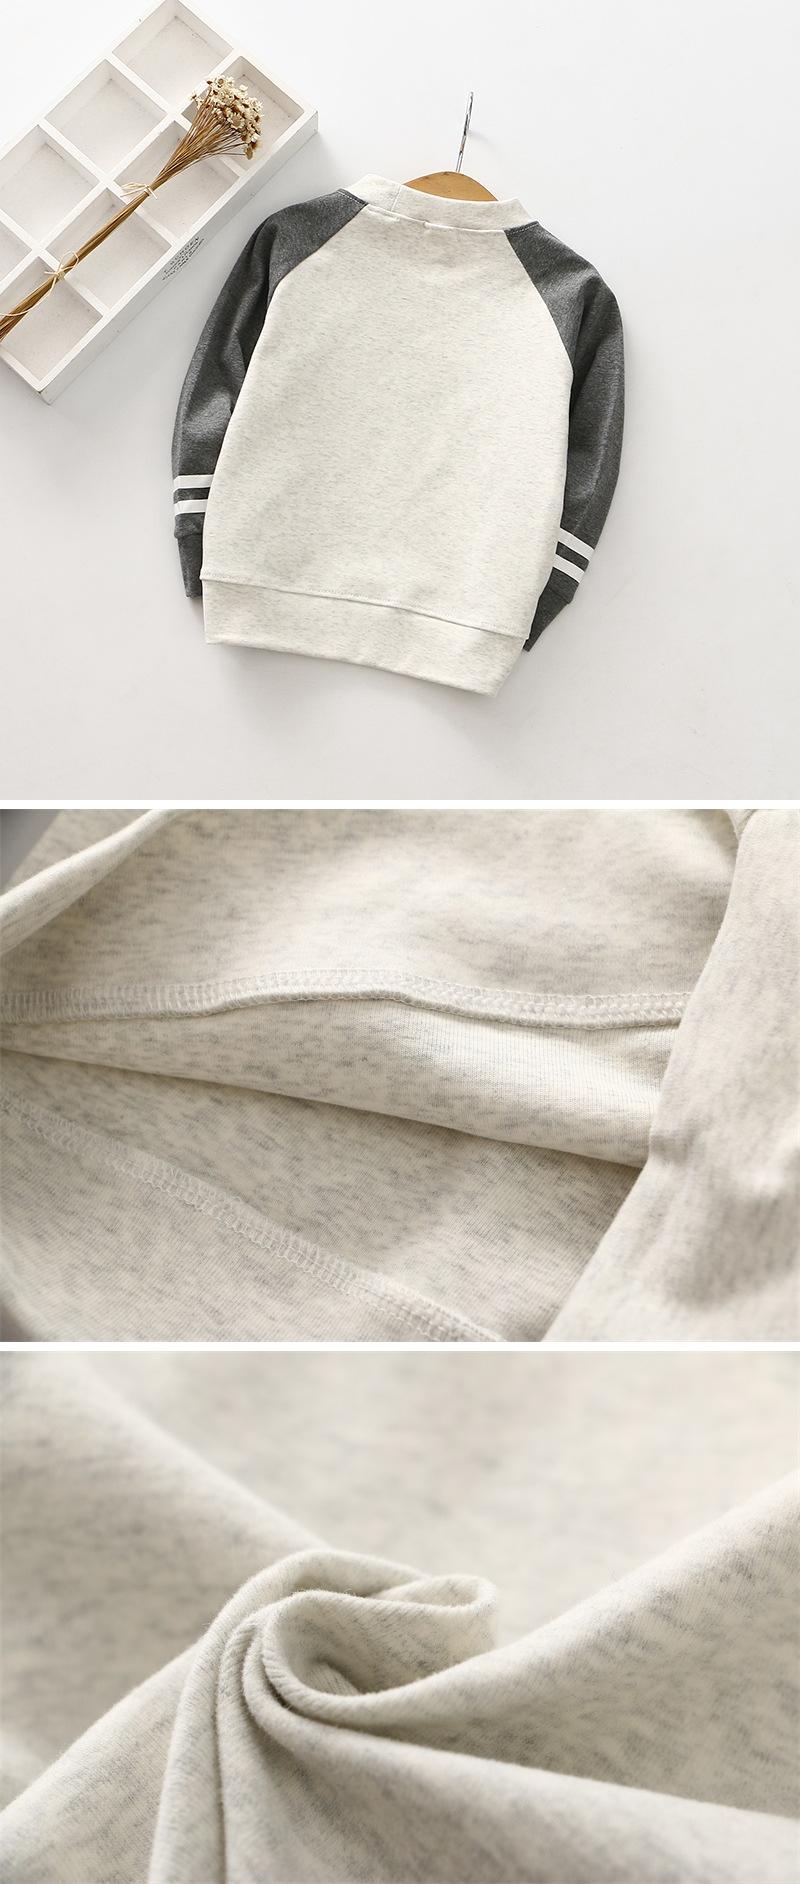 K12275 เสื้อแขนยาวเด็ก ผ้าหนานุ่ม ผ้าดีมาก